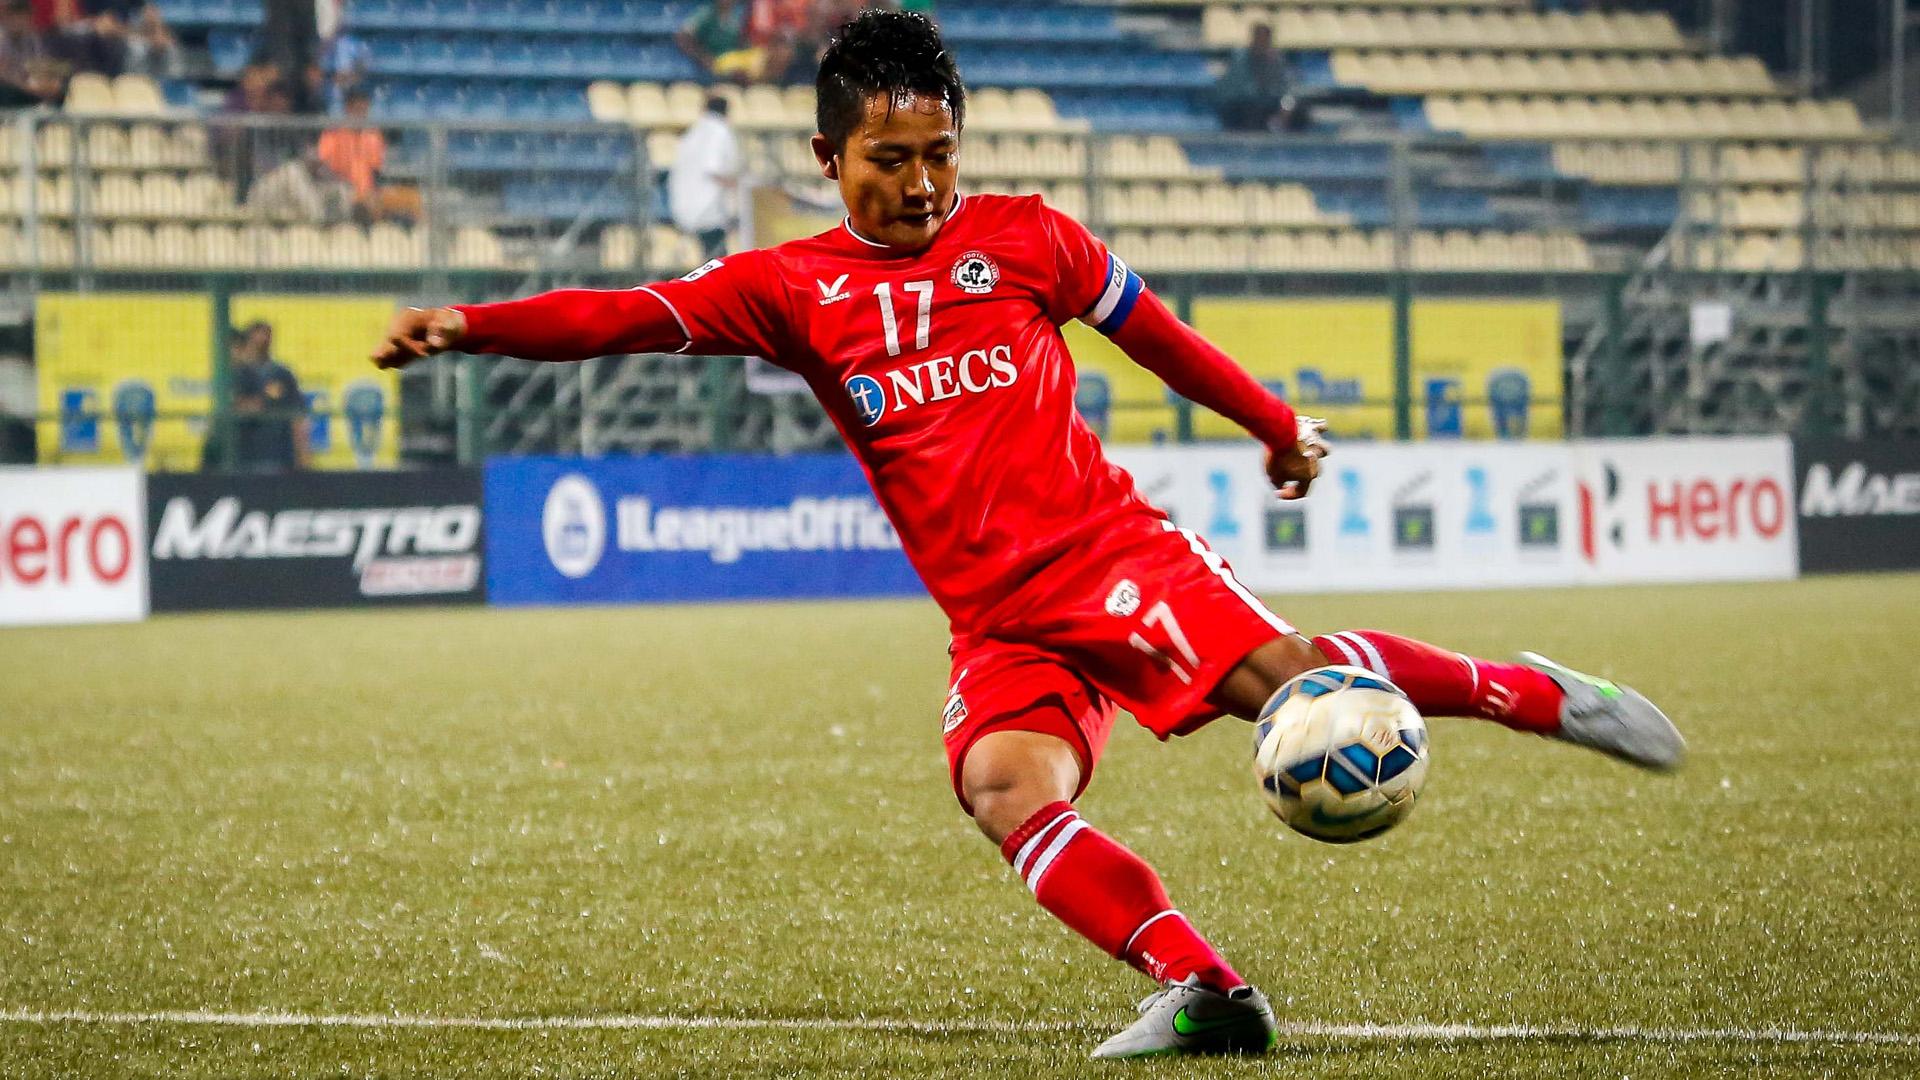 Lalrinmuana Mumbai FC Aizawl FC I-League